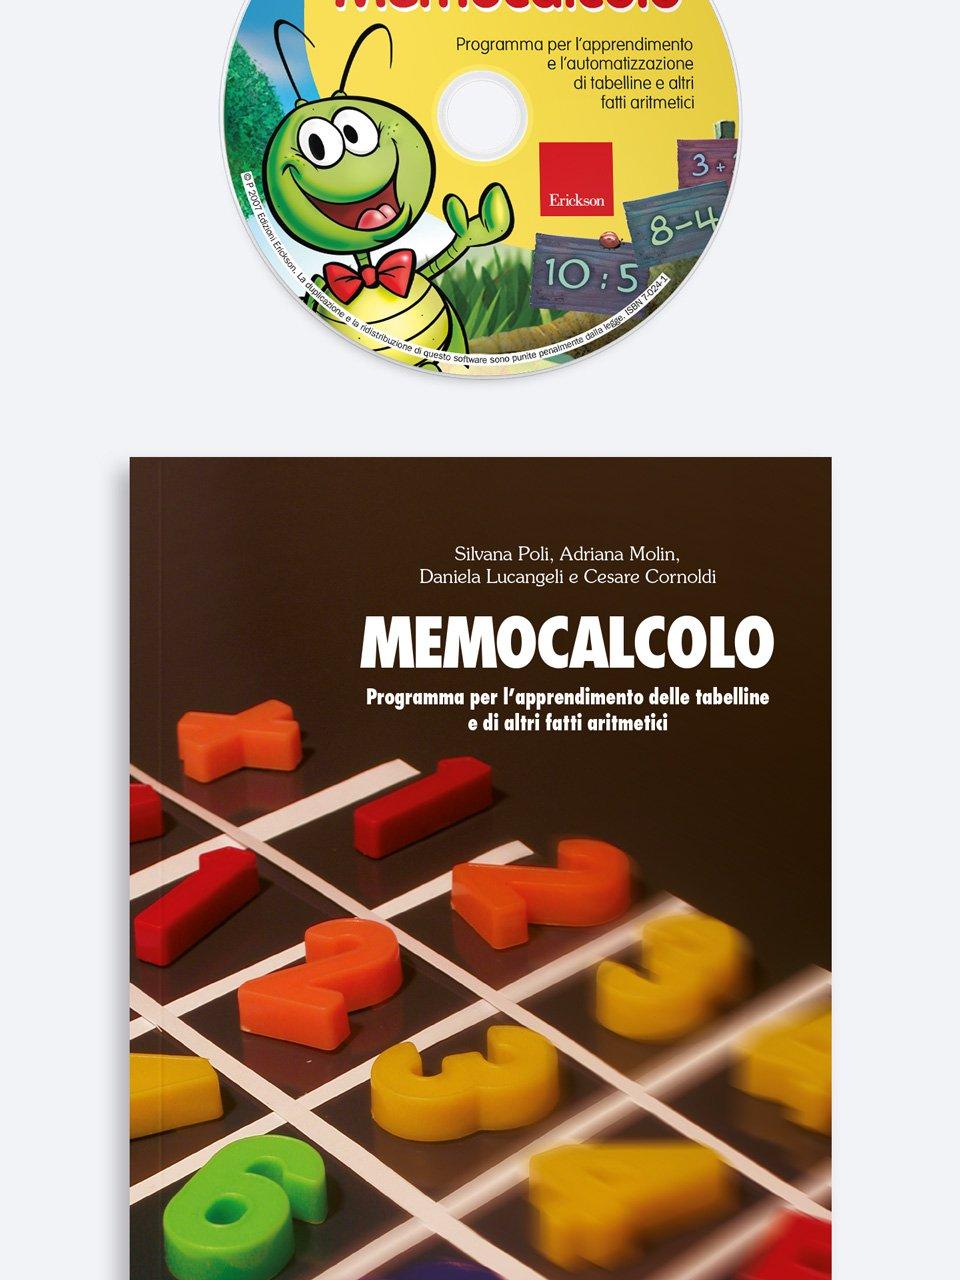 Memocalcolo - Test ABCA - Abilità di calcolo aritmetico - Libri - Erickson 3